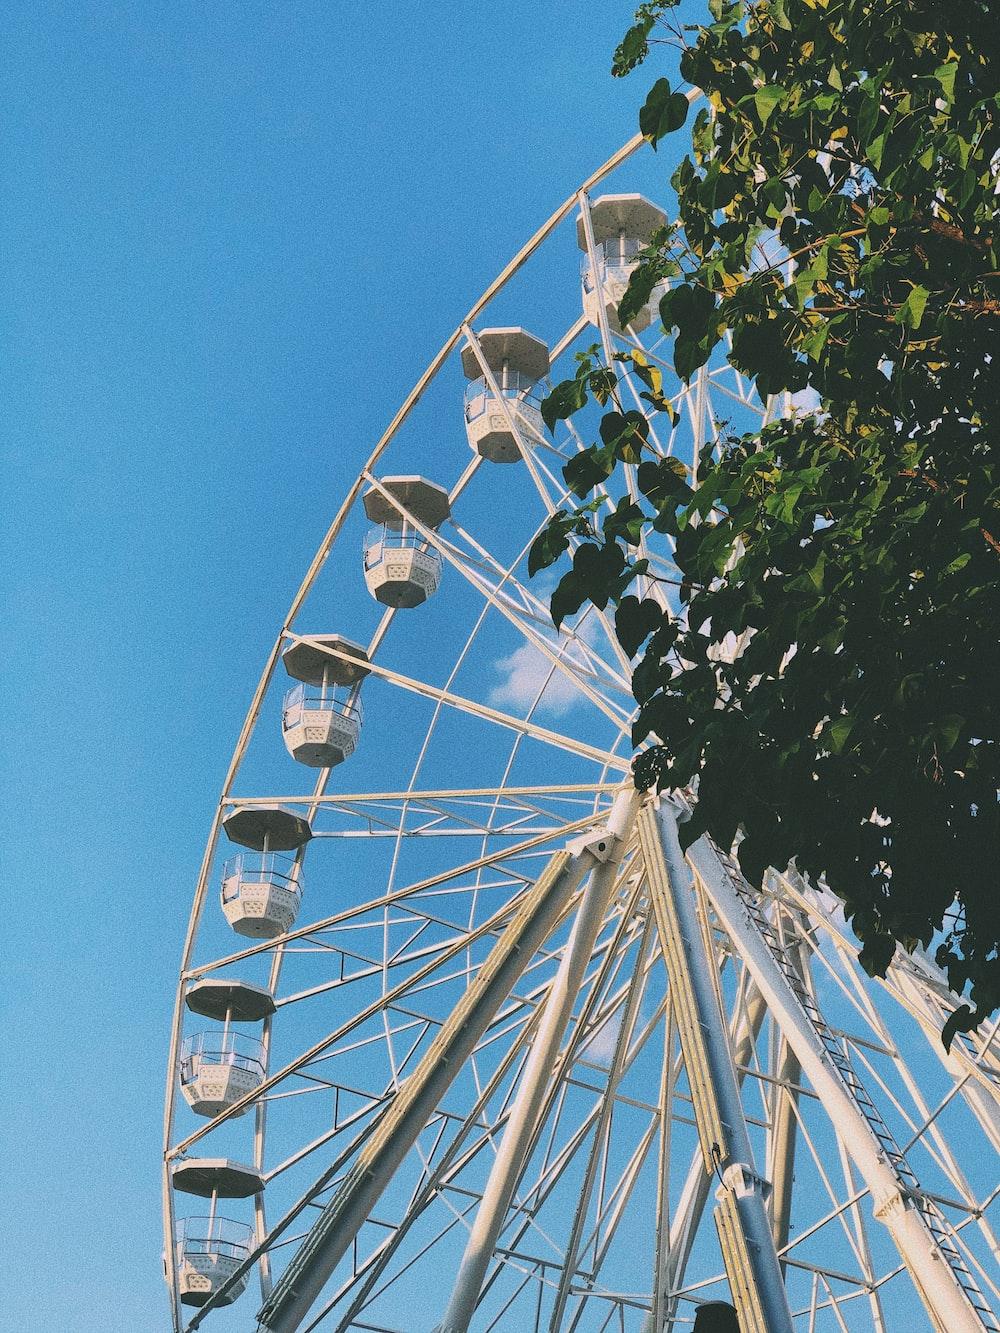 white steel Ferris wheel